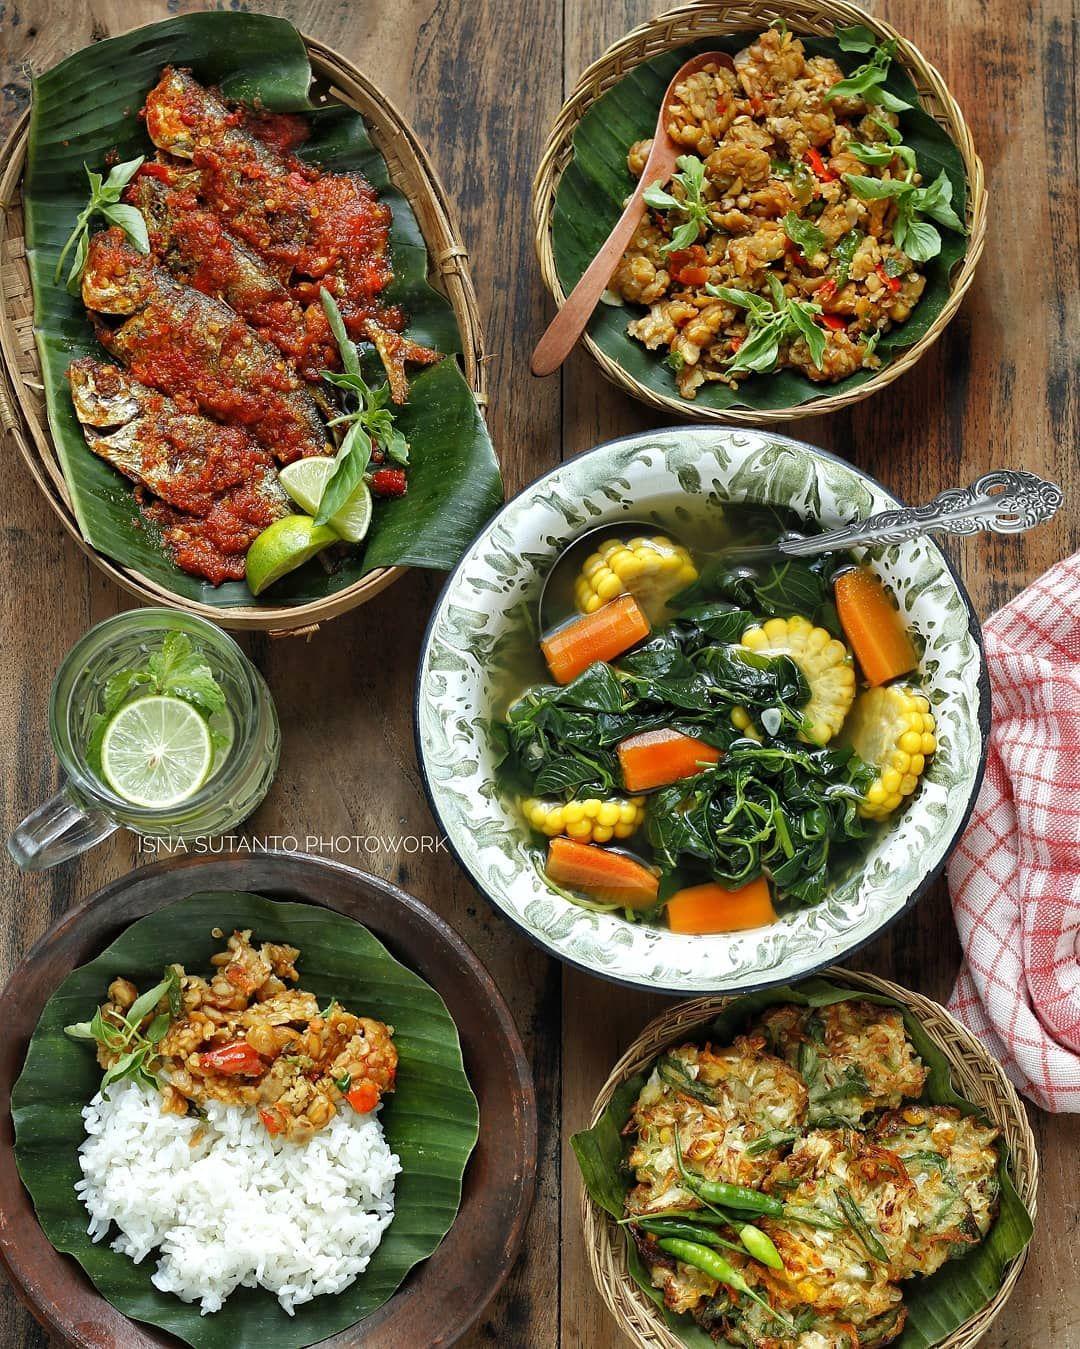 Met Lunch Semua Sesekali Boleh Lah Yaa Pajang Menu Komplit Biasanya Sayur Mayurnya Gak Pernah Ikut Eksis Cuma Lauk Anak2 Makanan Resep Masakan Masakan